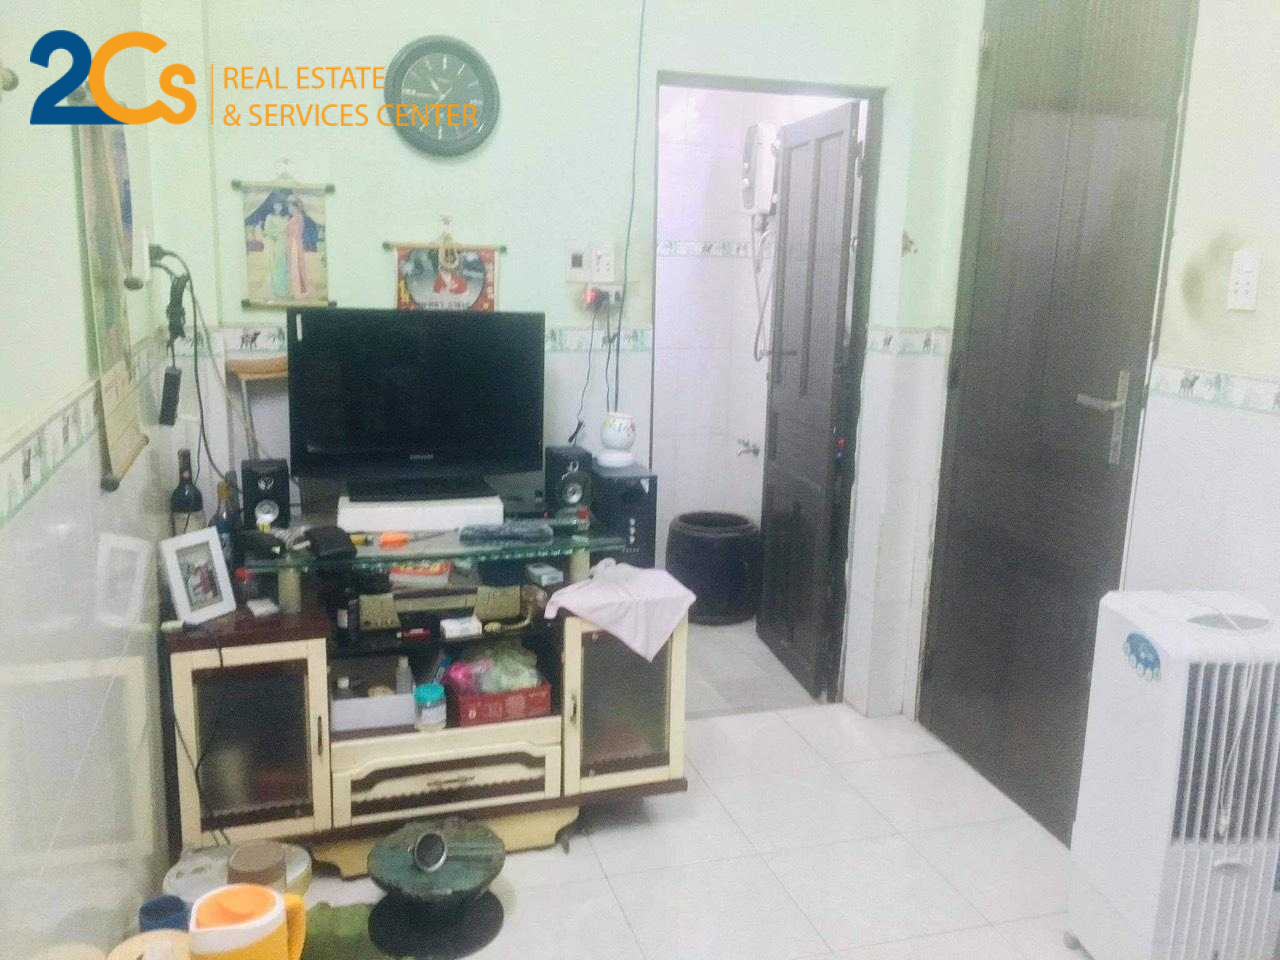 Bán nhà HXH 79.1m2 đường Trần Văn Khánh 1